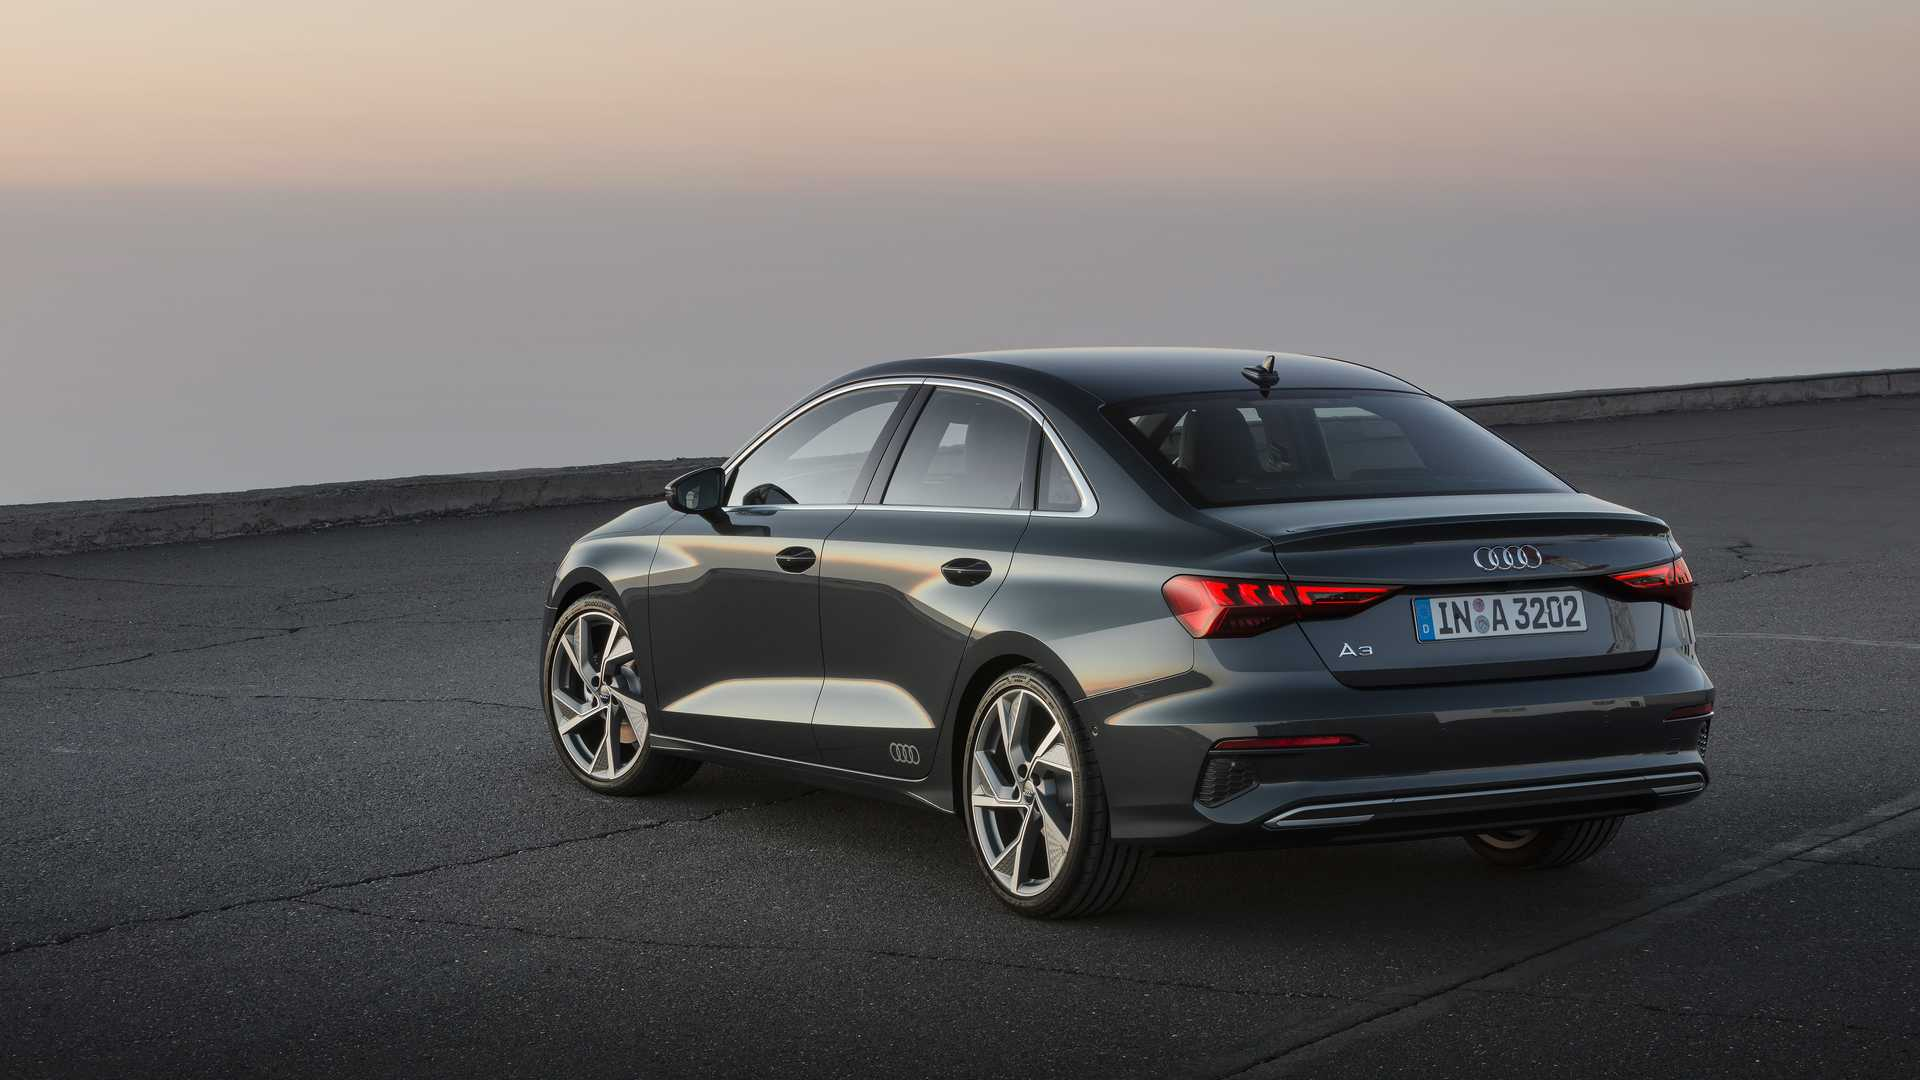 Kelebihan Kekurangan Audi A3 Sedan Top Model Tahun Ini